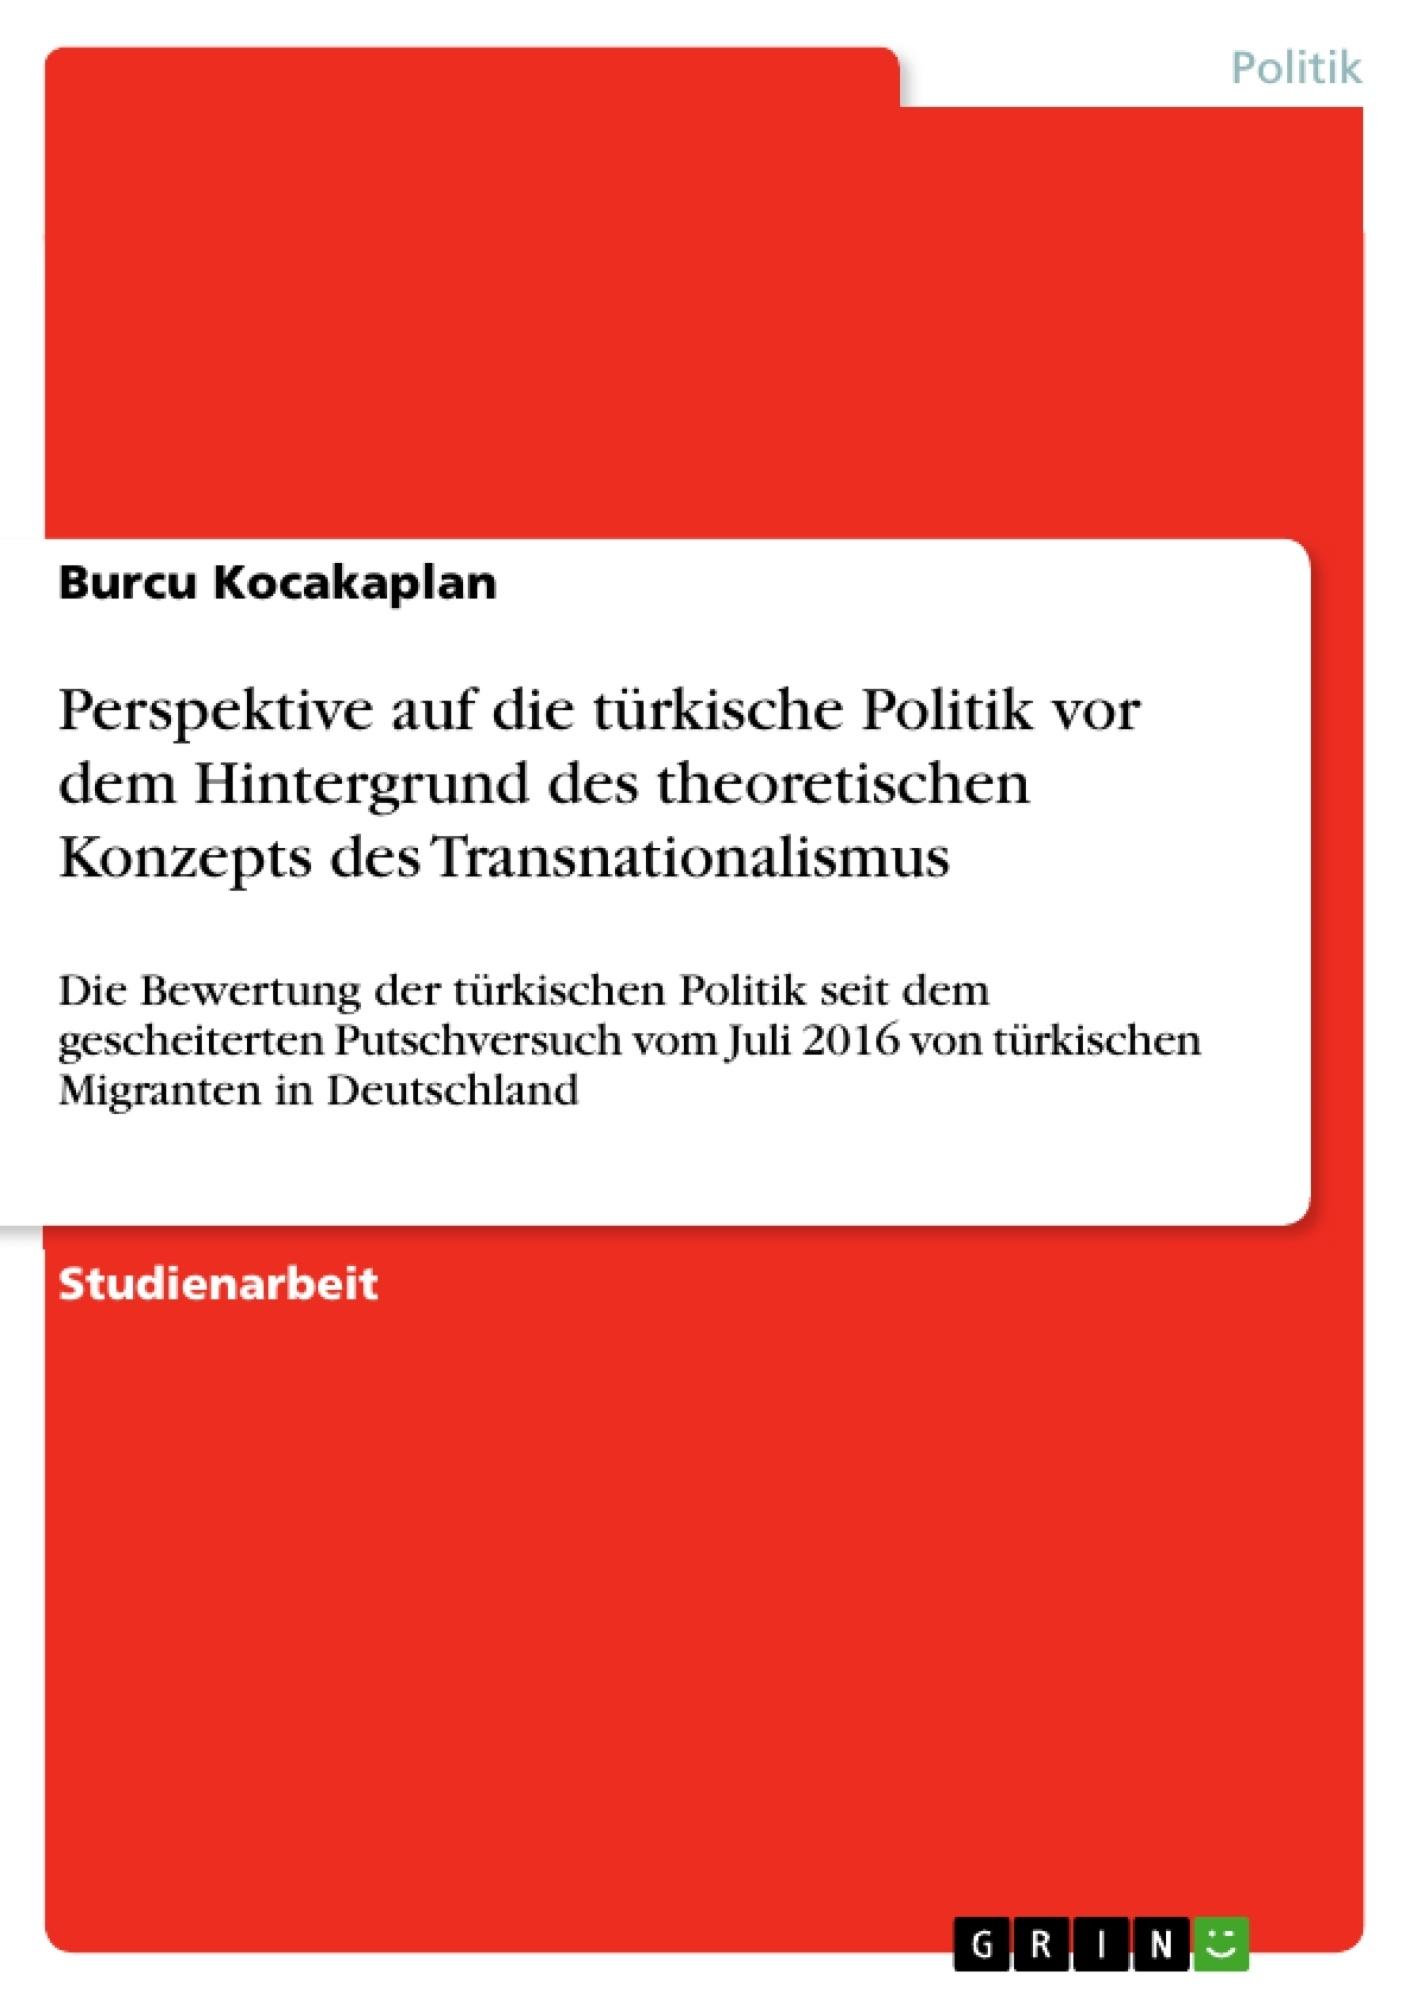 Titel: Perspektive auf die türkische Politik vor dem Hintergrund des theoretischen Konzepts des Transnationalismus